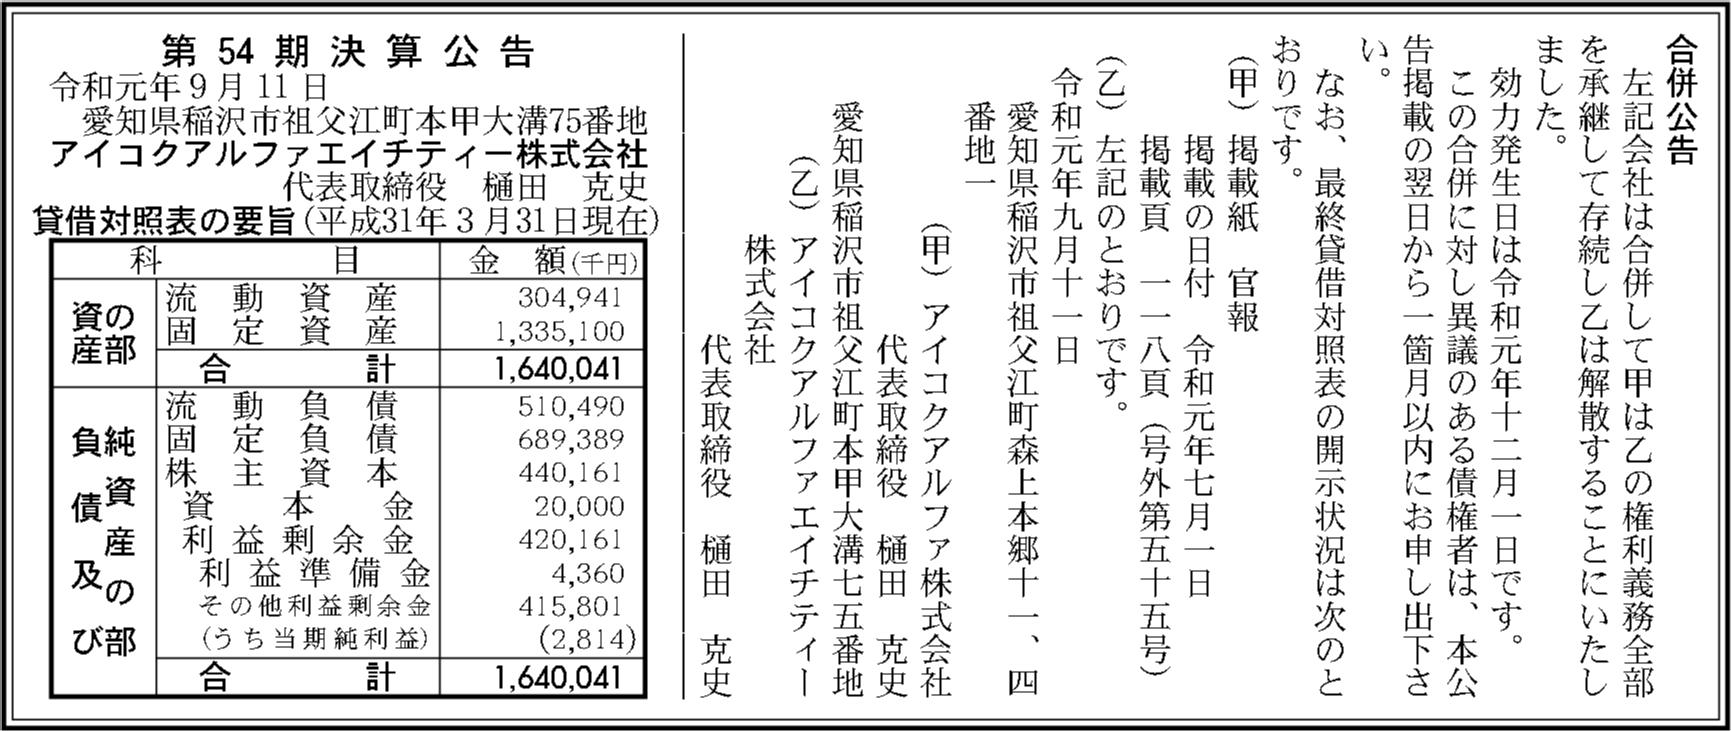 0094 357783b25b8e1d5fcc8df6d53c84f02e2f2baa667e2902c340e2065a571587b24d6e72e332a3dda397f8cfb7655a6bcf93fac09dfbc92caace400f6c8c9f0089 04